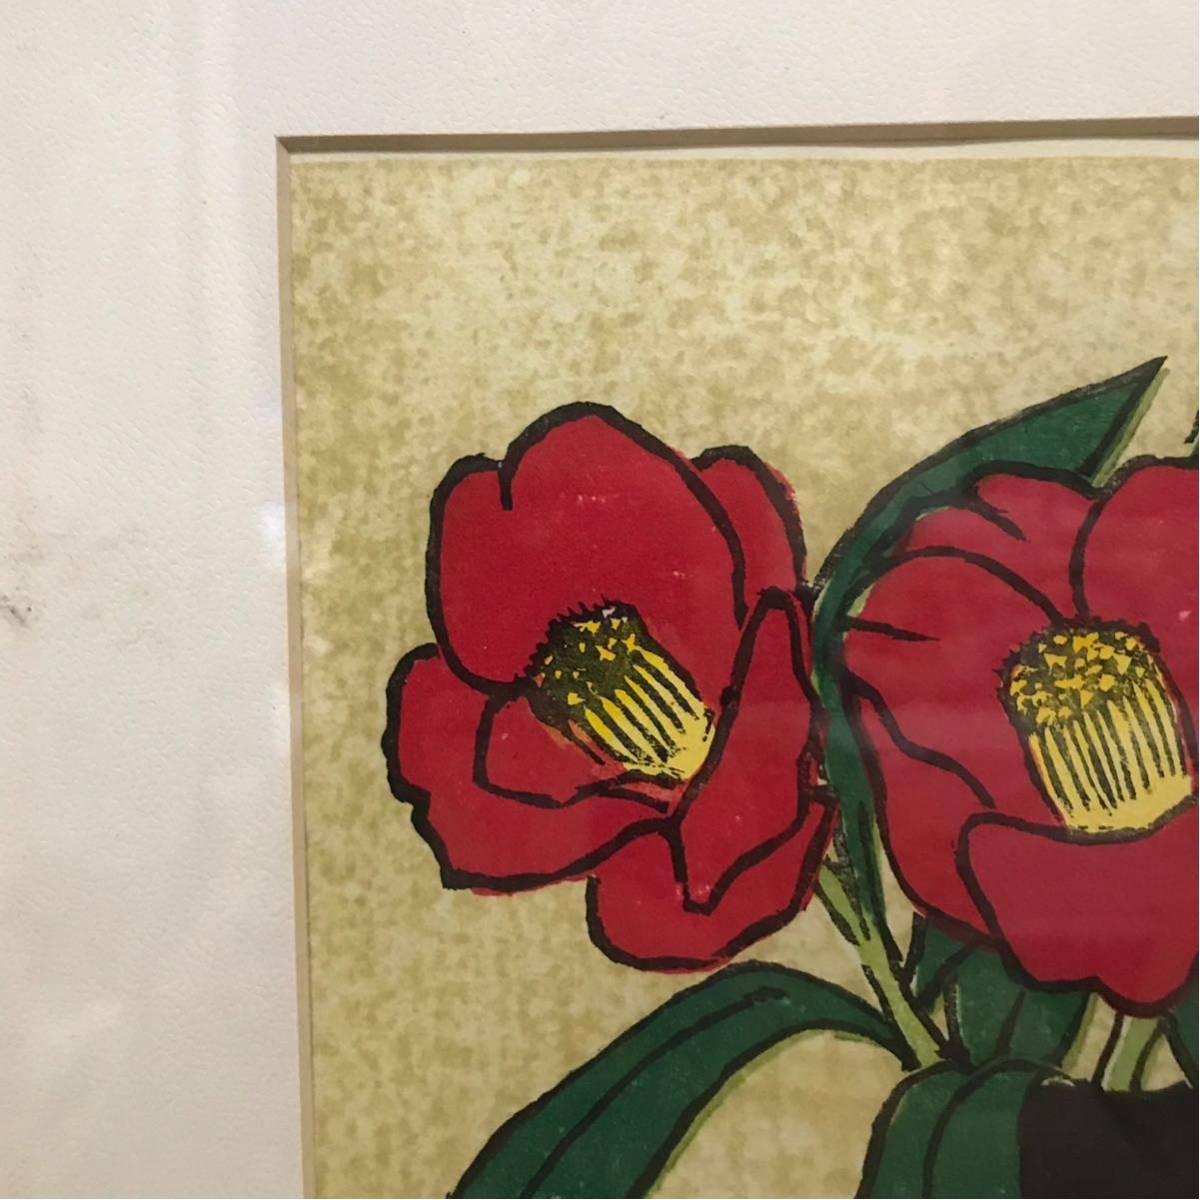 本木こま子 木版画 絵 花 椿 つばき 花瓶 額入り インテリア 外箱あり_画像5